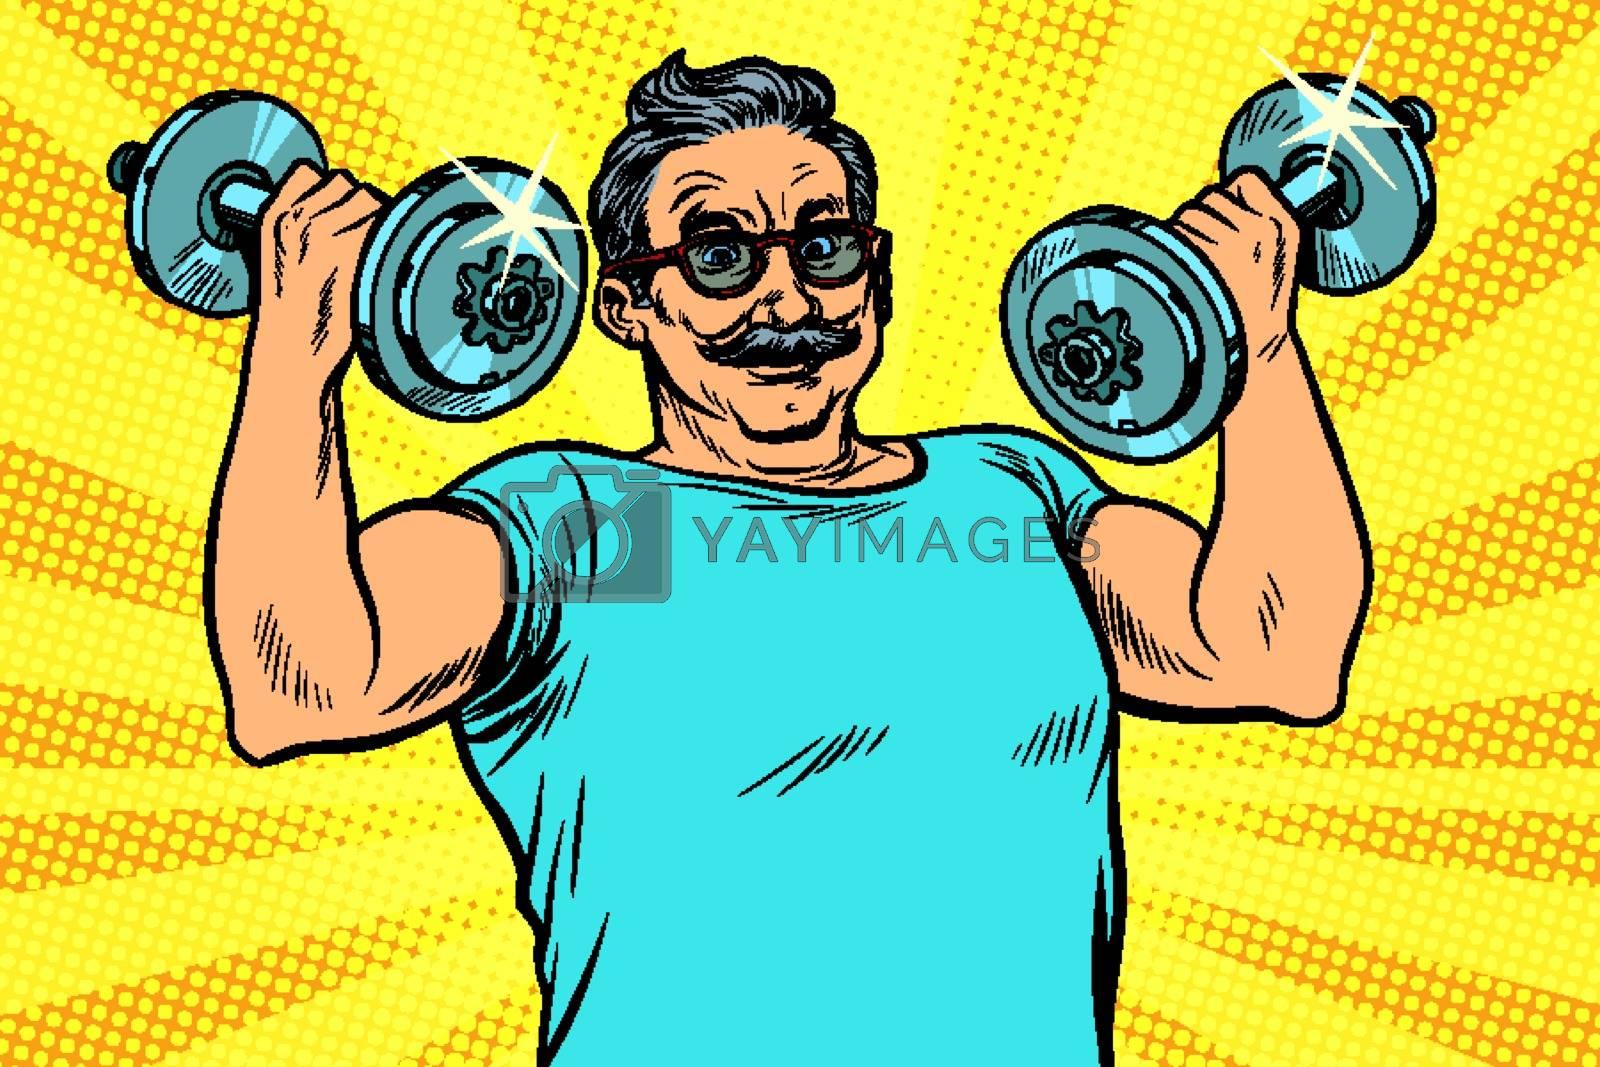 elderly man lifts dumbbells, fitness sport. Pop art retro vector illustration drawing vintage kitsch